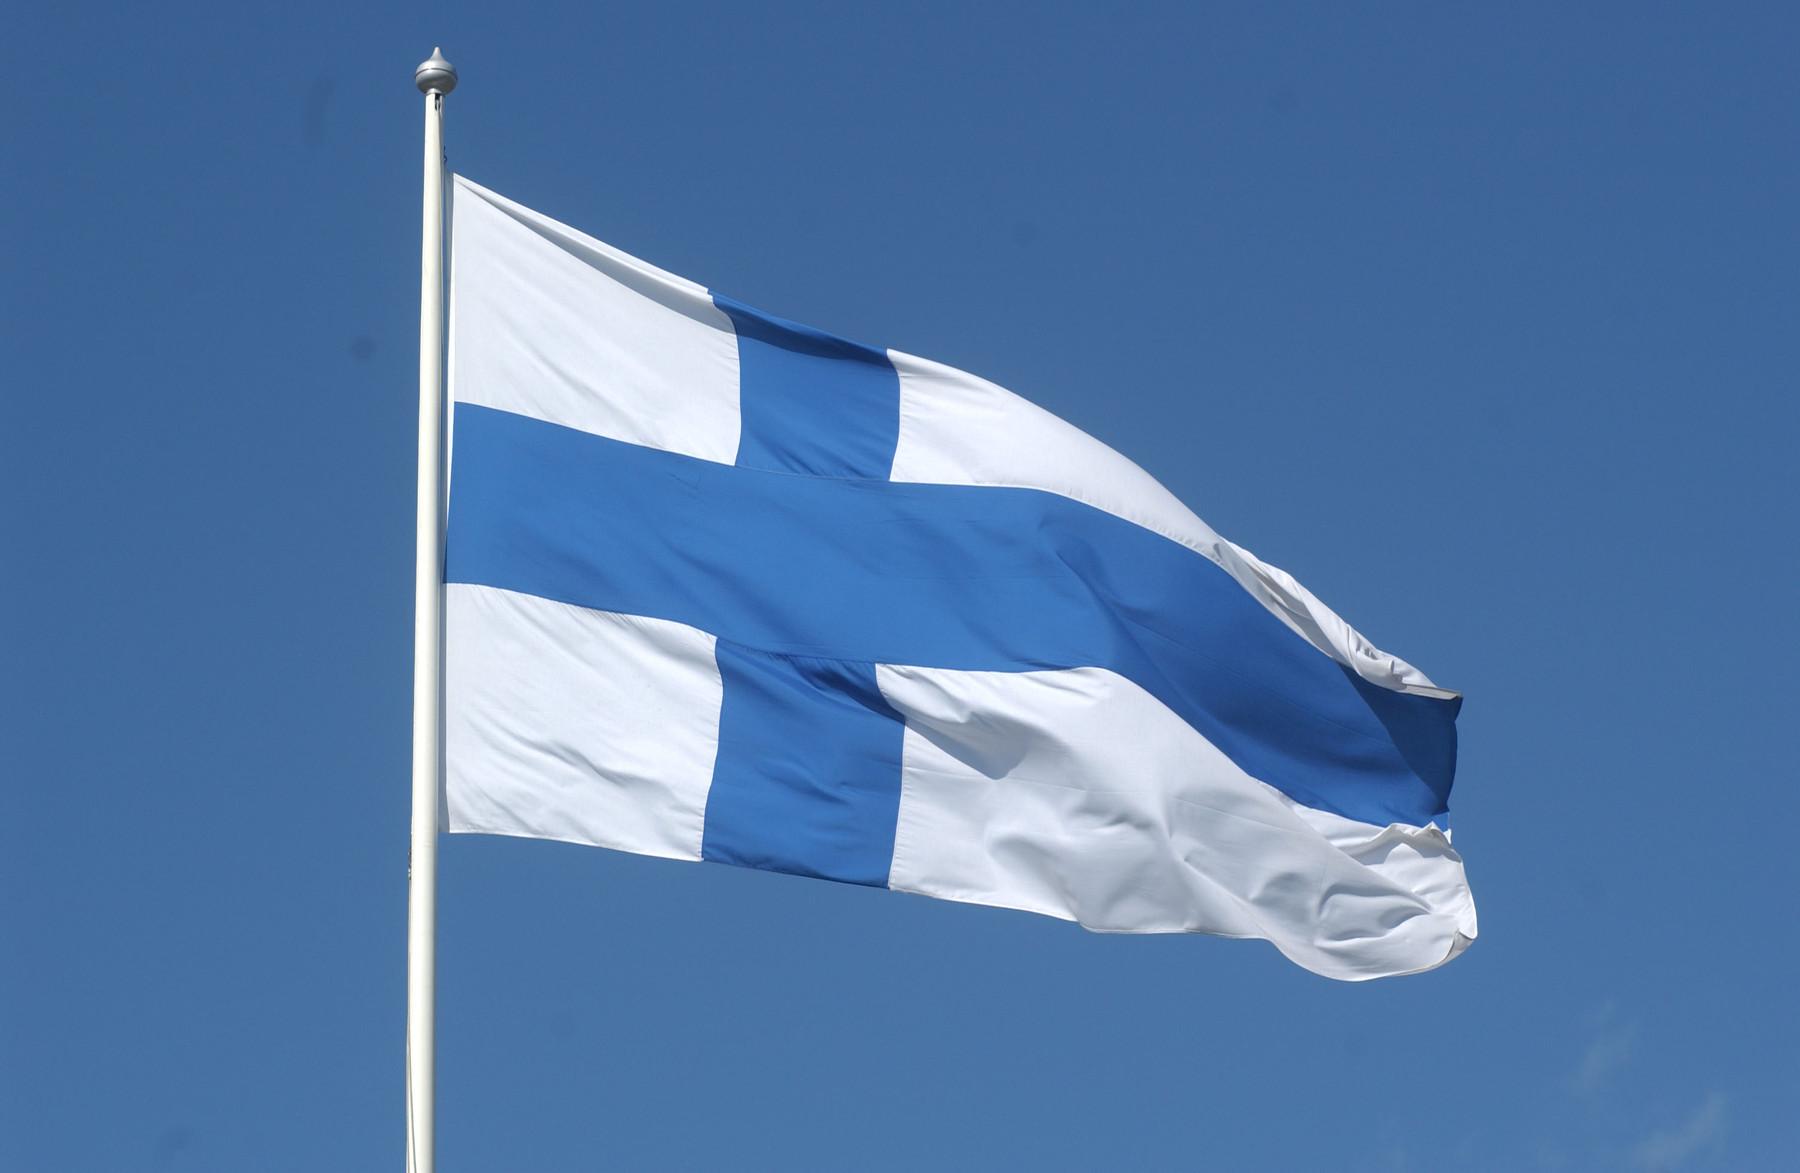 Liehuva Suomen lippu valokuvassa